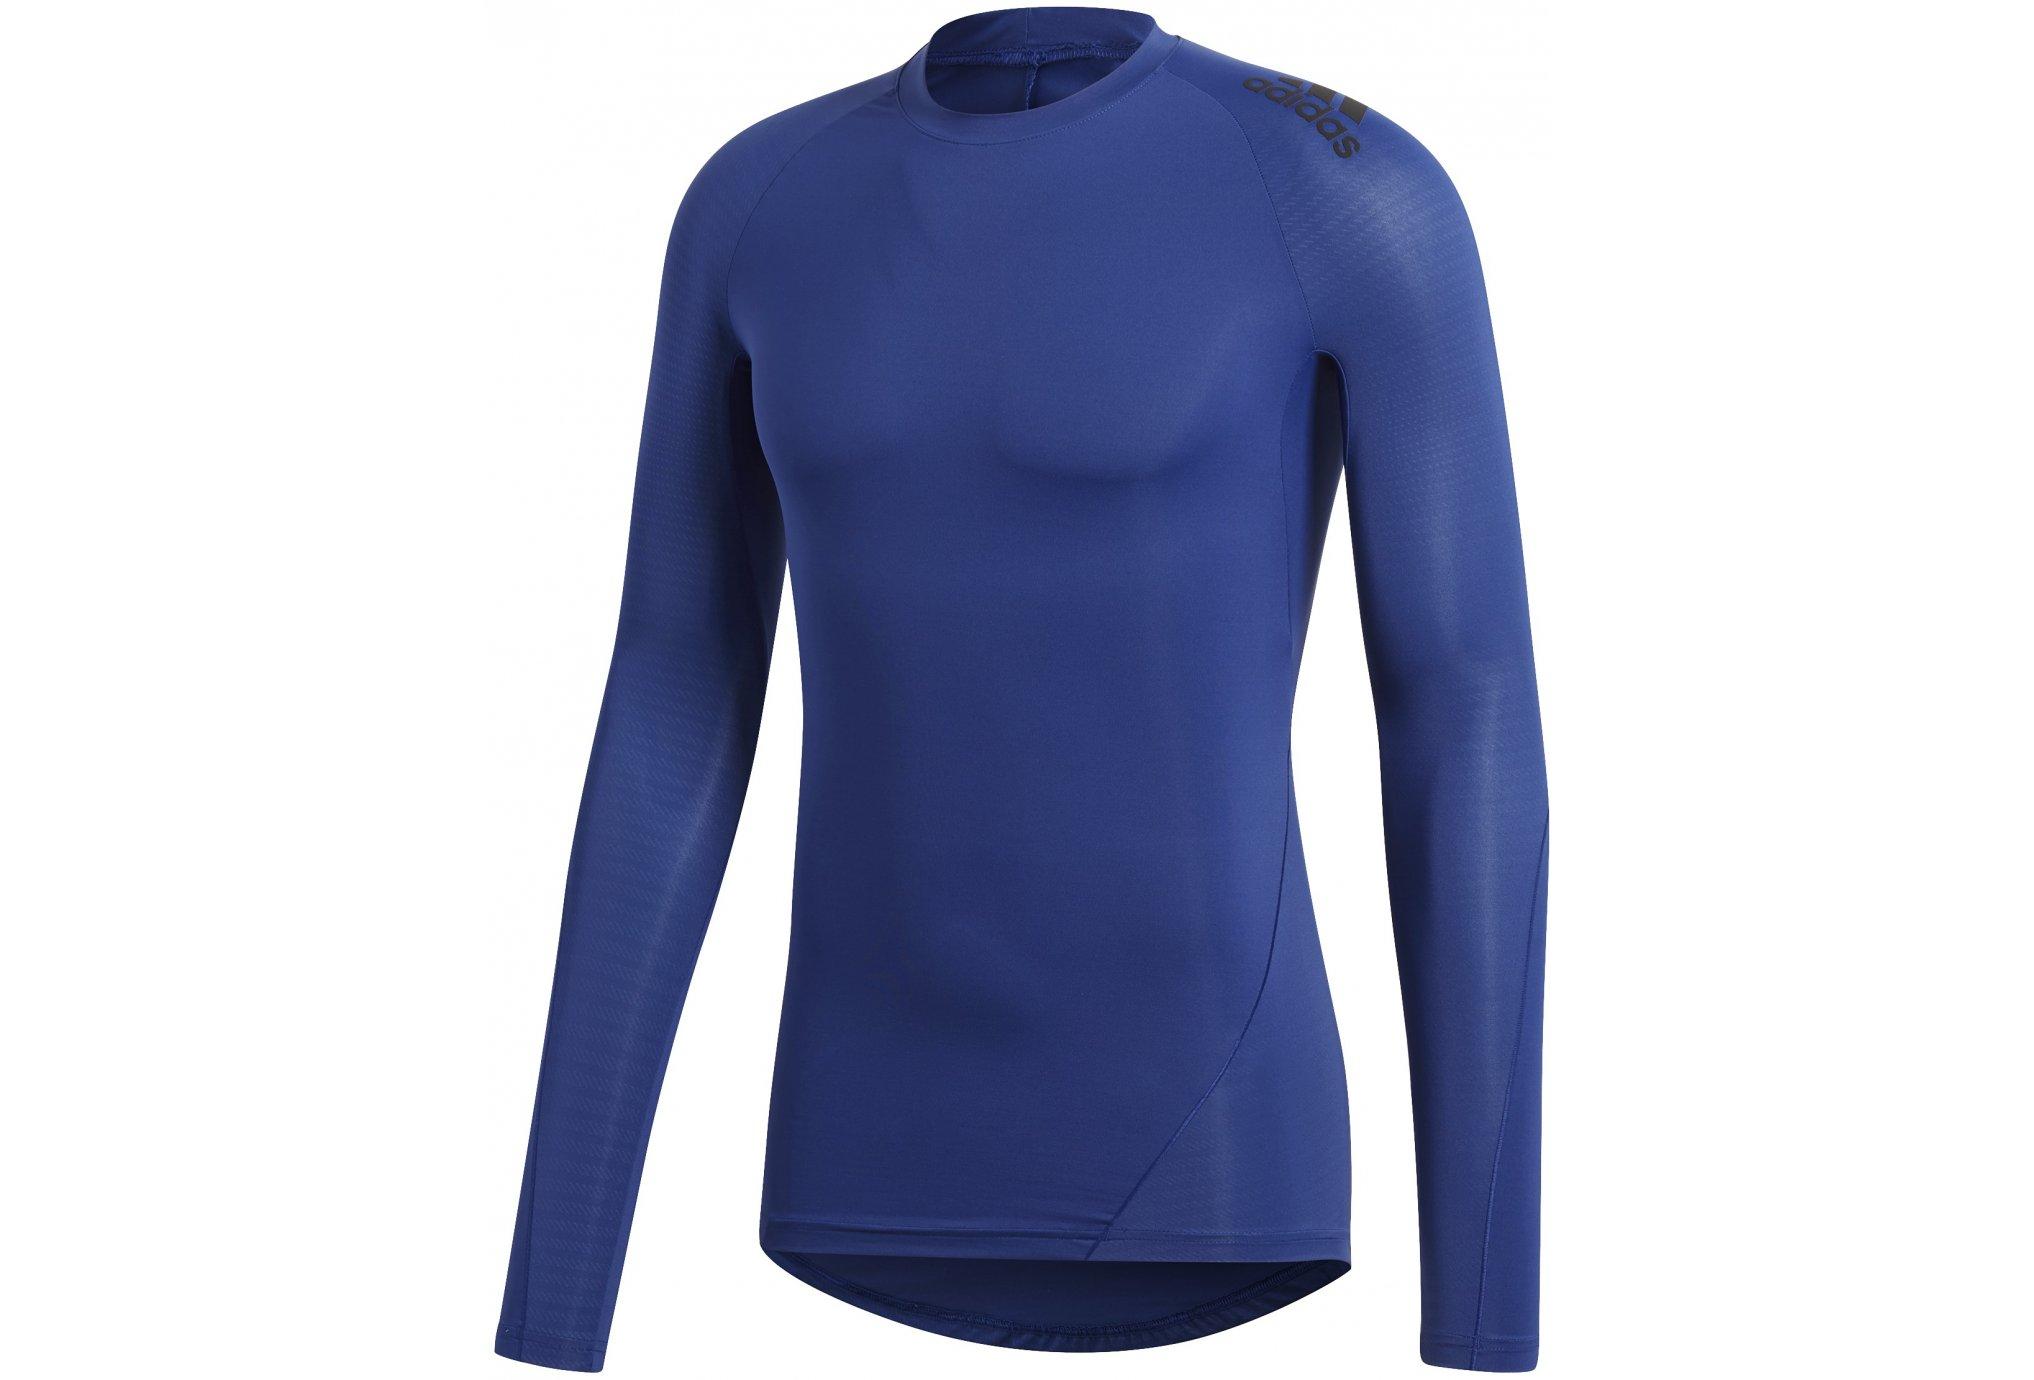 Adidas Alphaskin tech m vêtement running homme